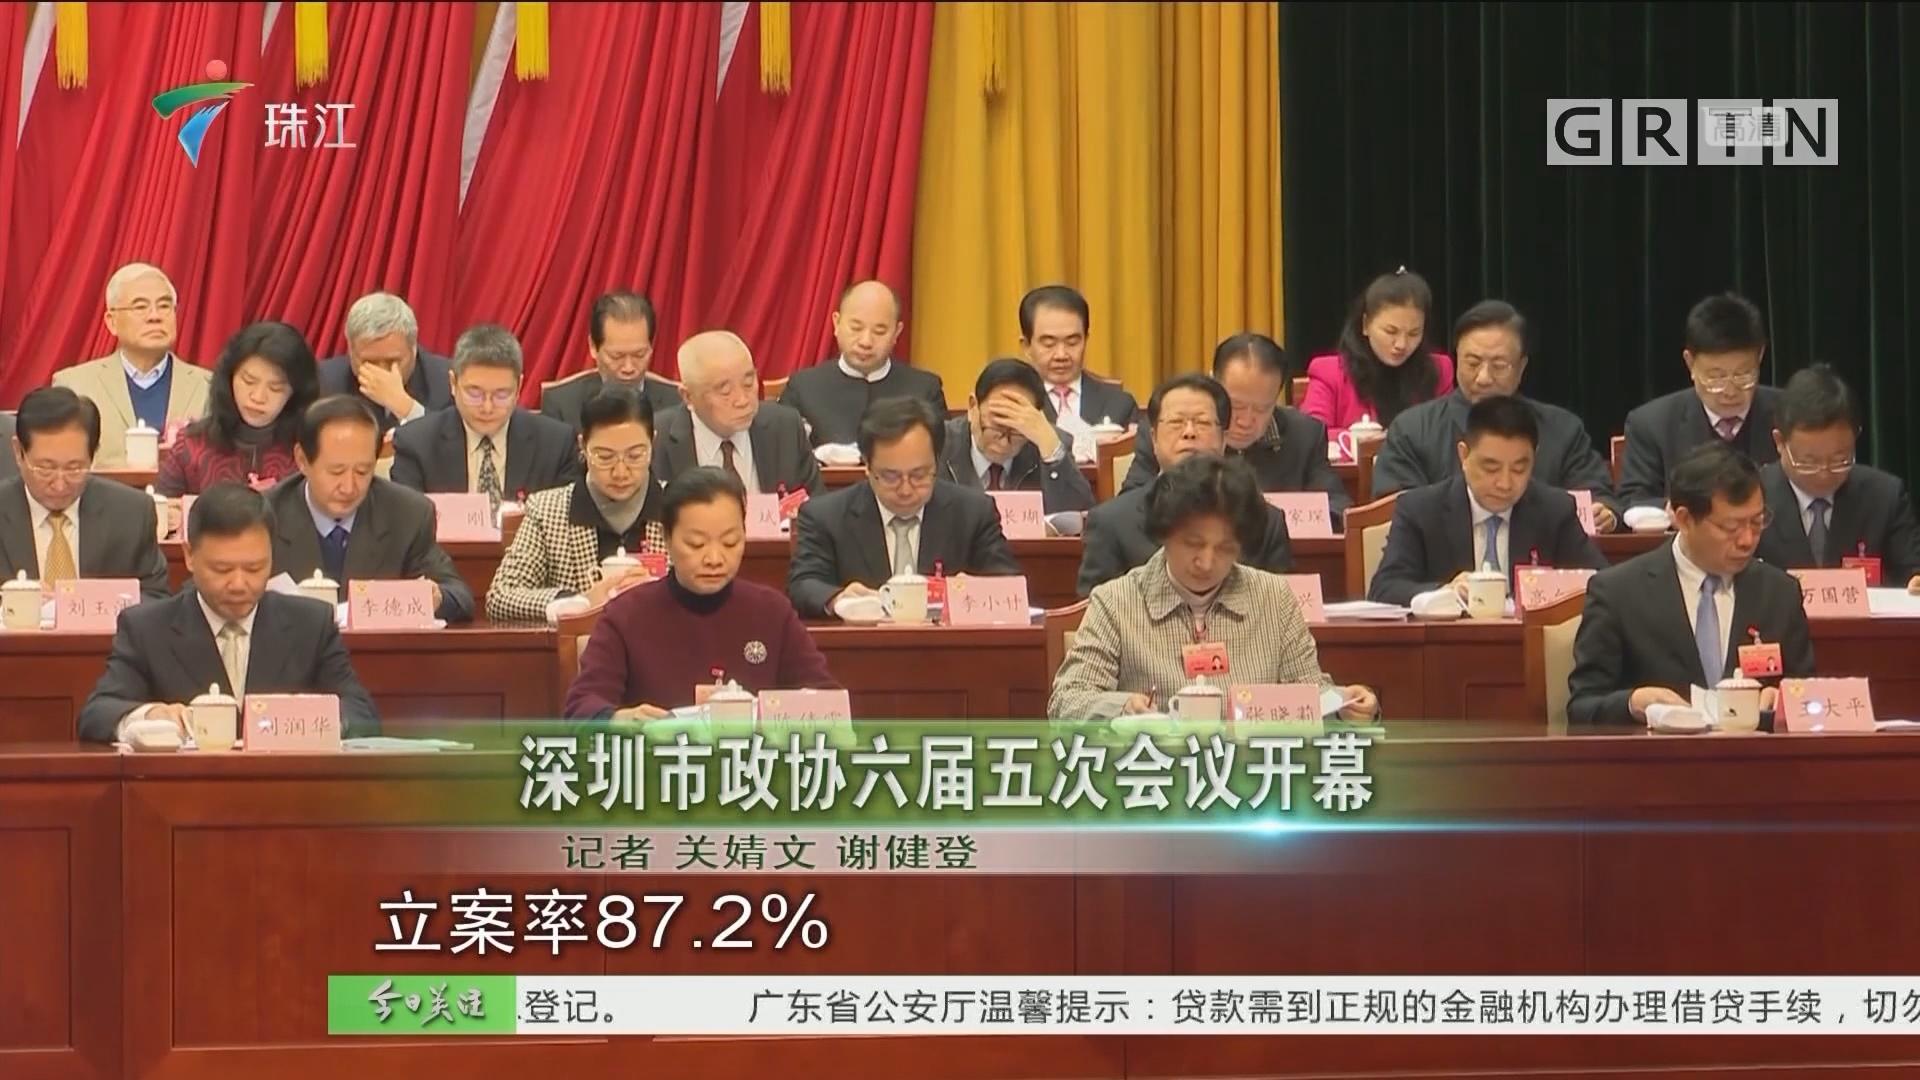 深圳市政协六届五次会议开幕